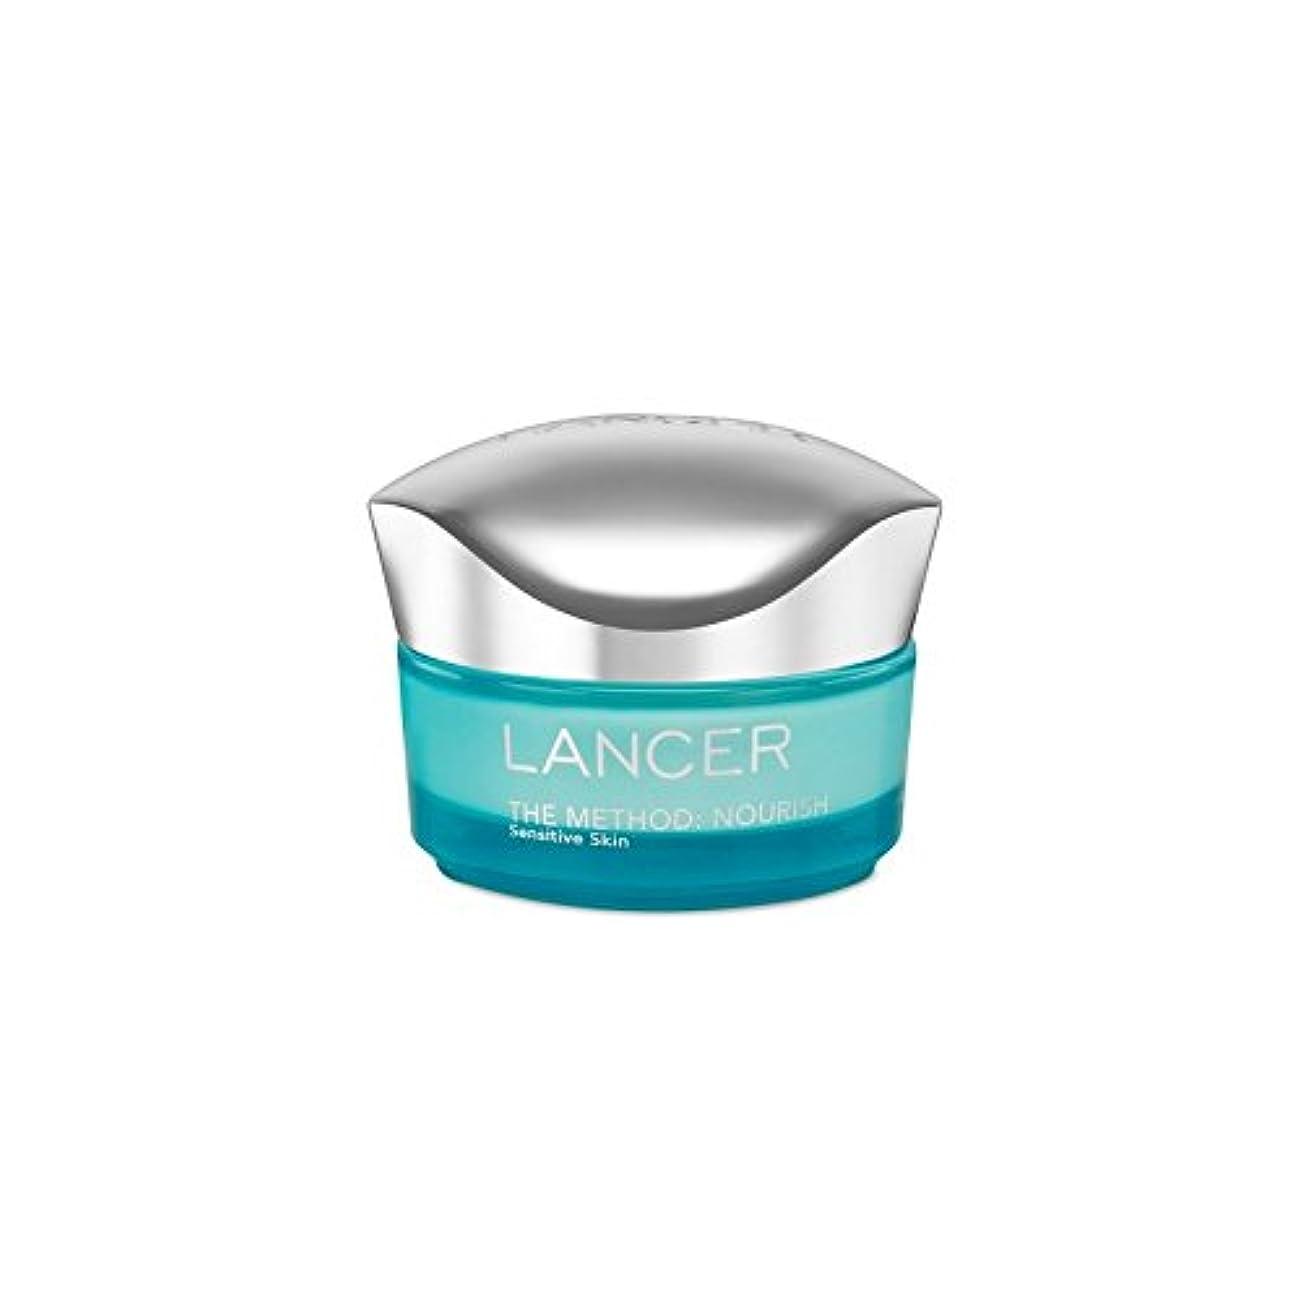 杖本部島ランサーは、この方法をスキンケア:保湿敏感肌(50)に栄養を与えます x4 - Lancer Skincare The Method: Nourish Moisturiser Sensitive Skin (50ml) (Pack of 4) [並行輸入品]